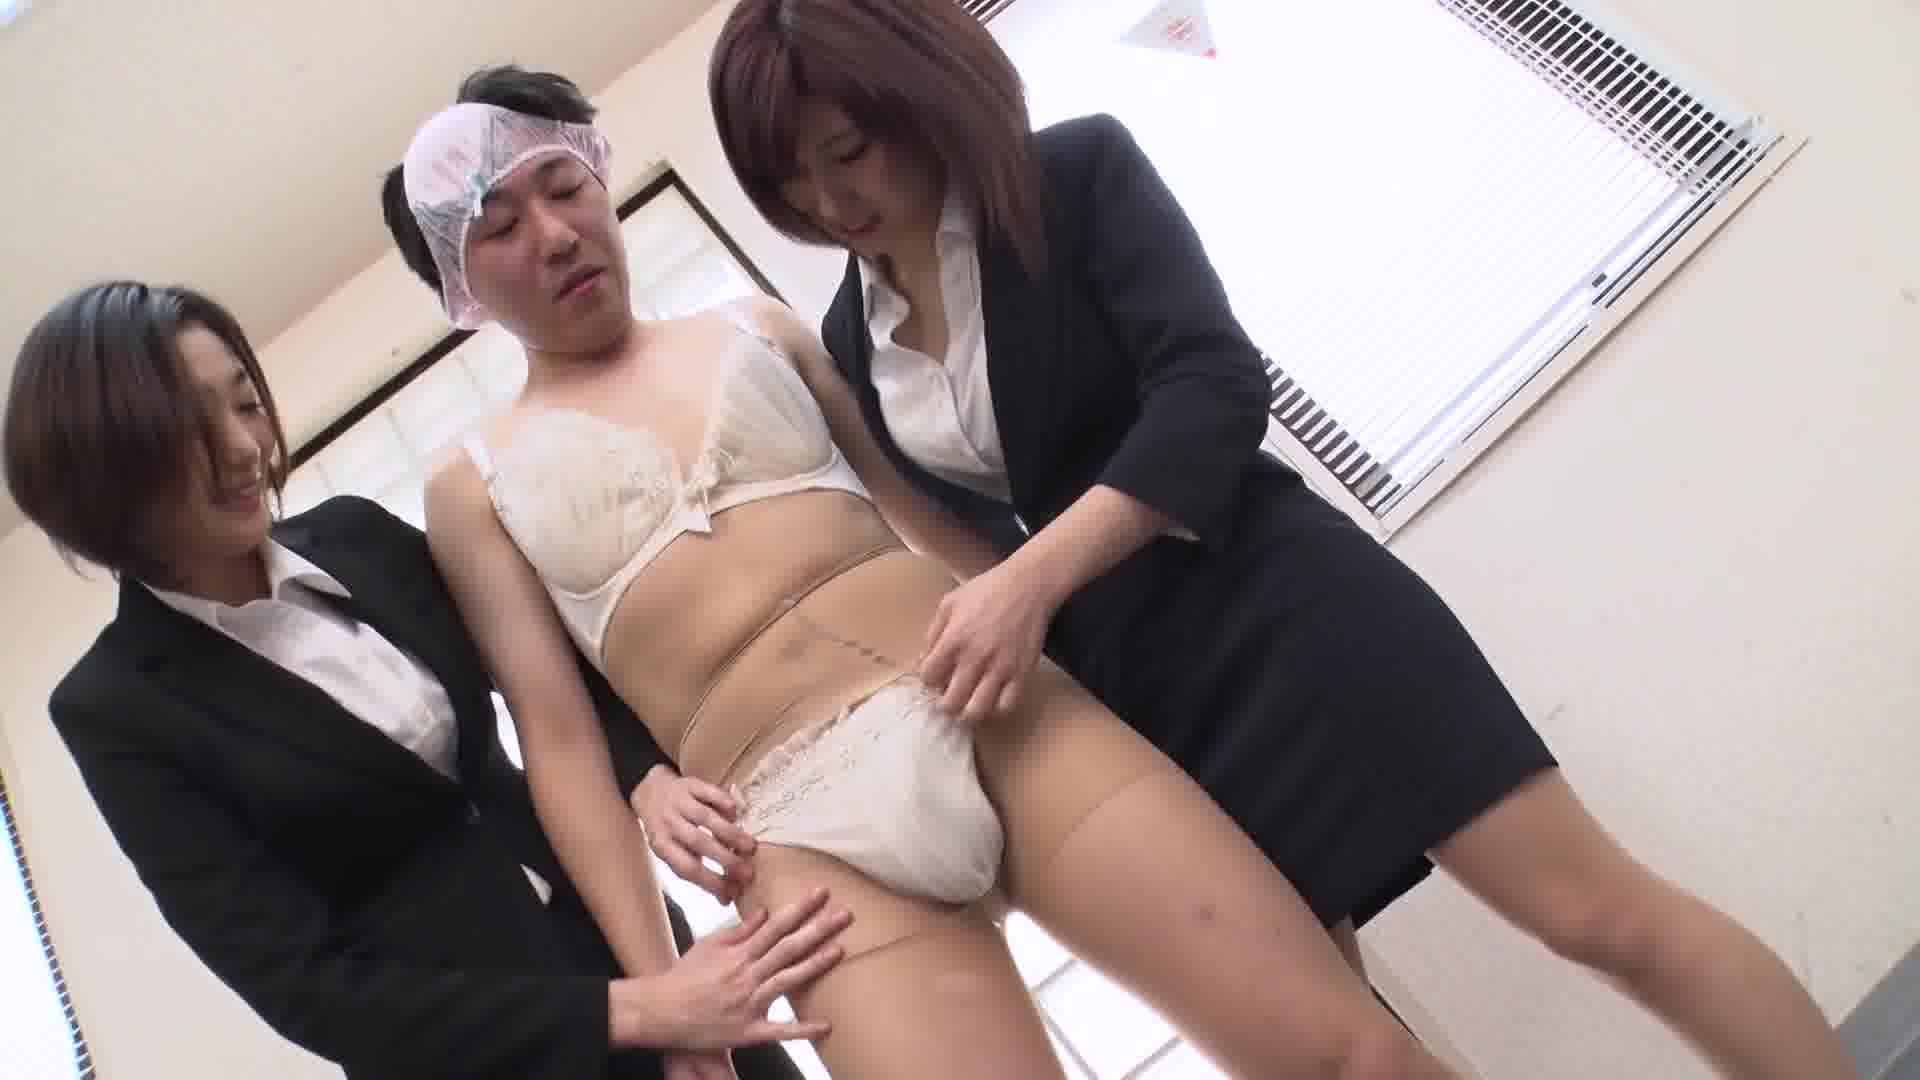 エスカレートする女上司たち ~下着開発部は女の戦場~ - 折原ほのか【痴女・OL・乱交】